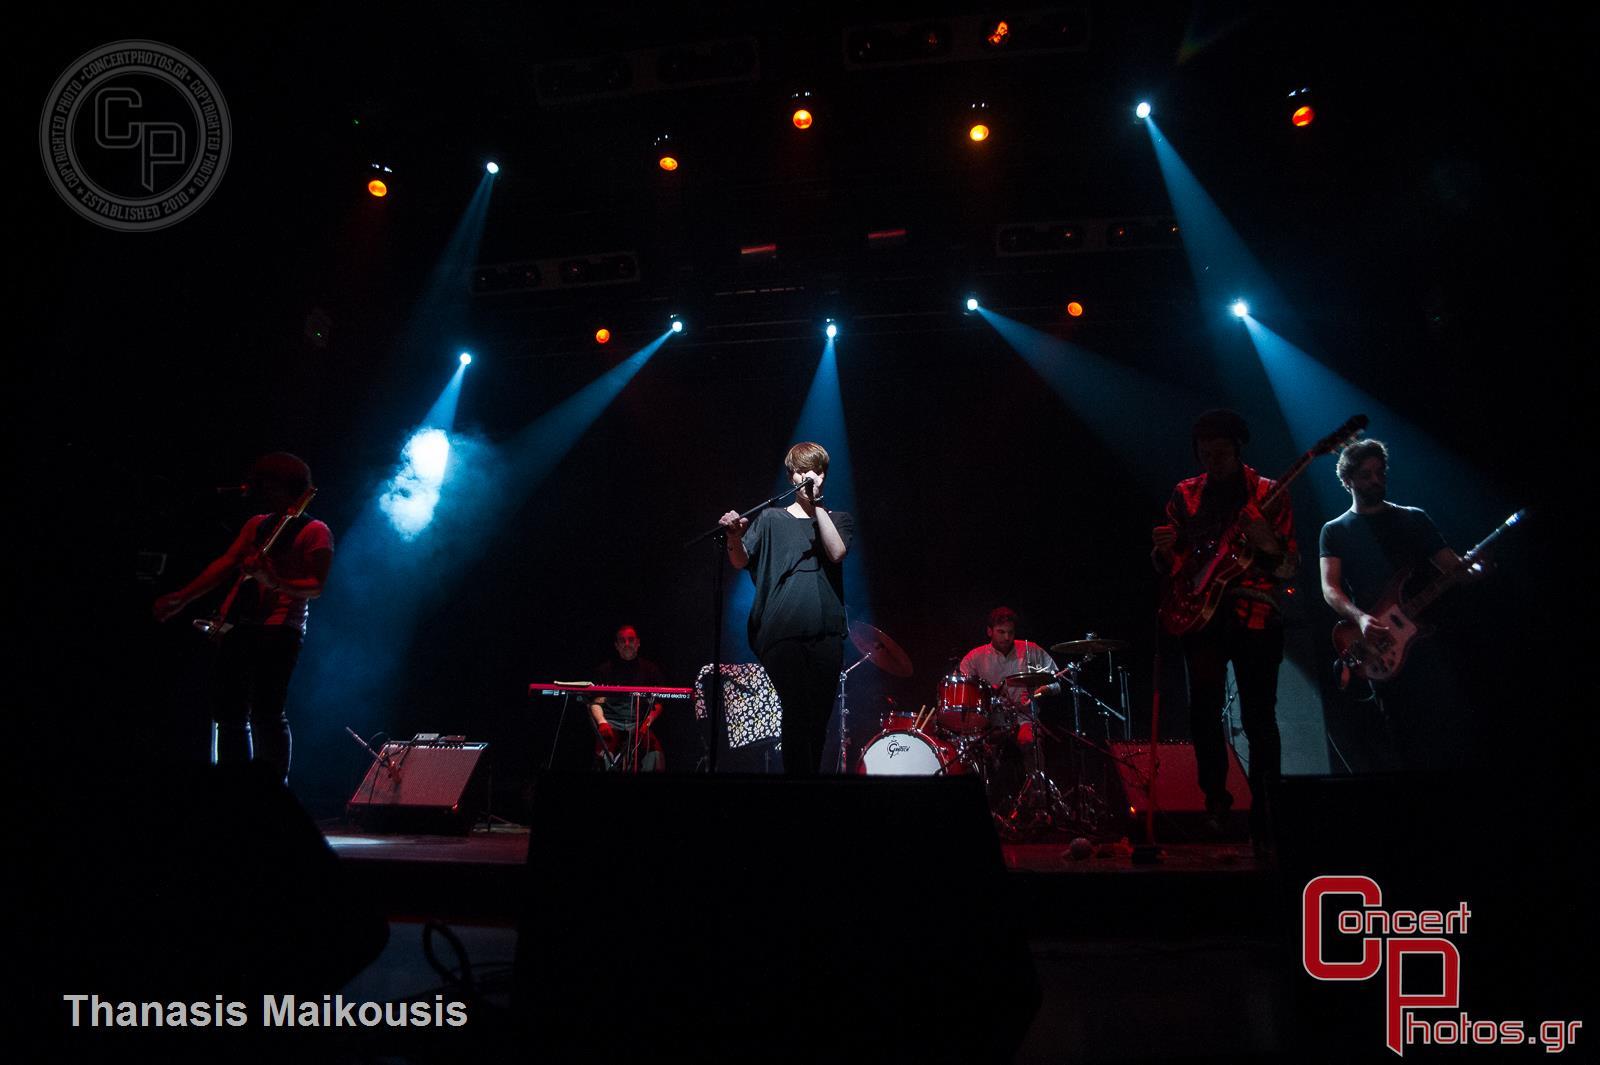 Allah Las & My Drunken Haze -Allah Las My Drunken Haze  photographer: Thanasis Maikousis - ConcertPhotos - 20141101_2311_23